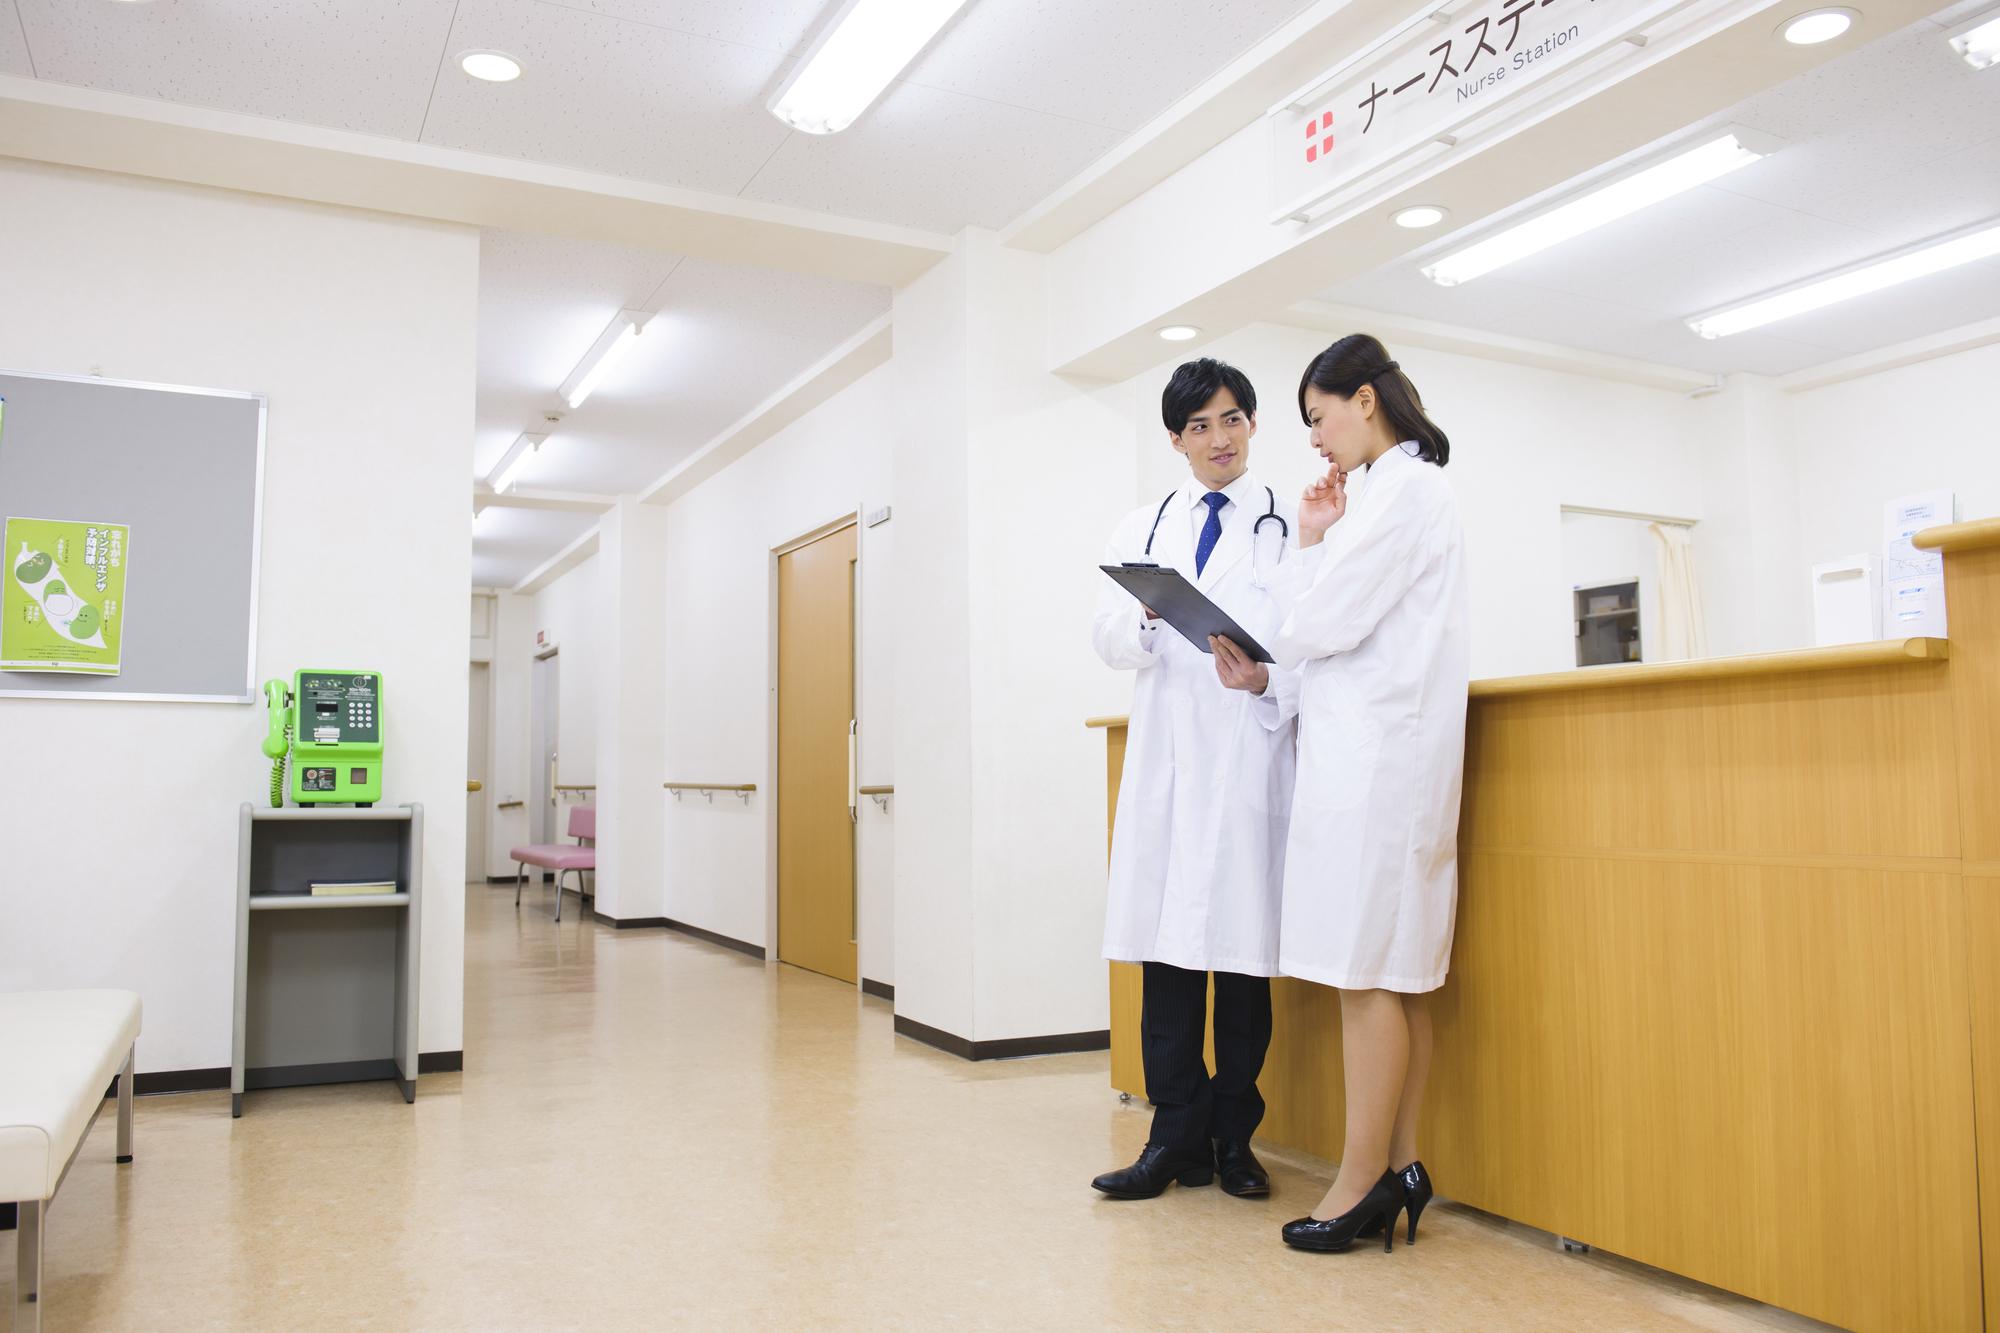 医学部再挑戦への道「編入入試」とその難易度とは?